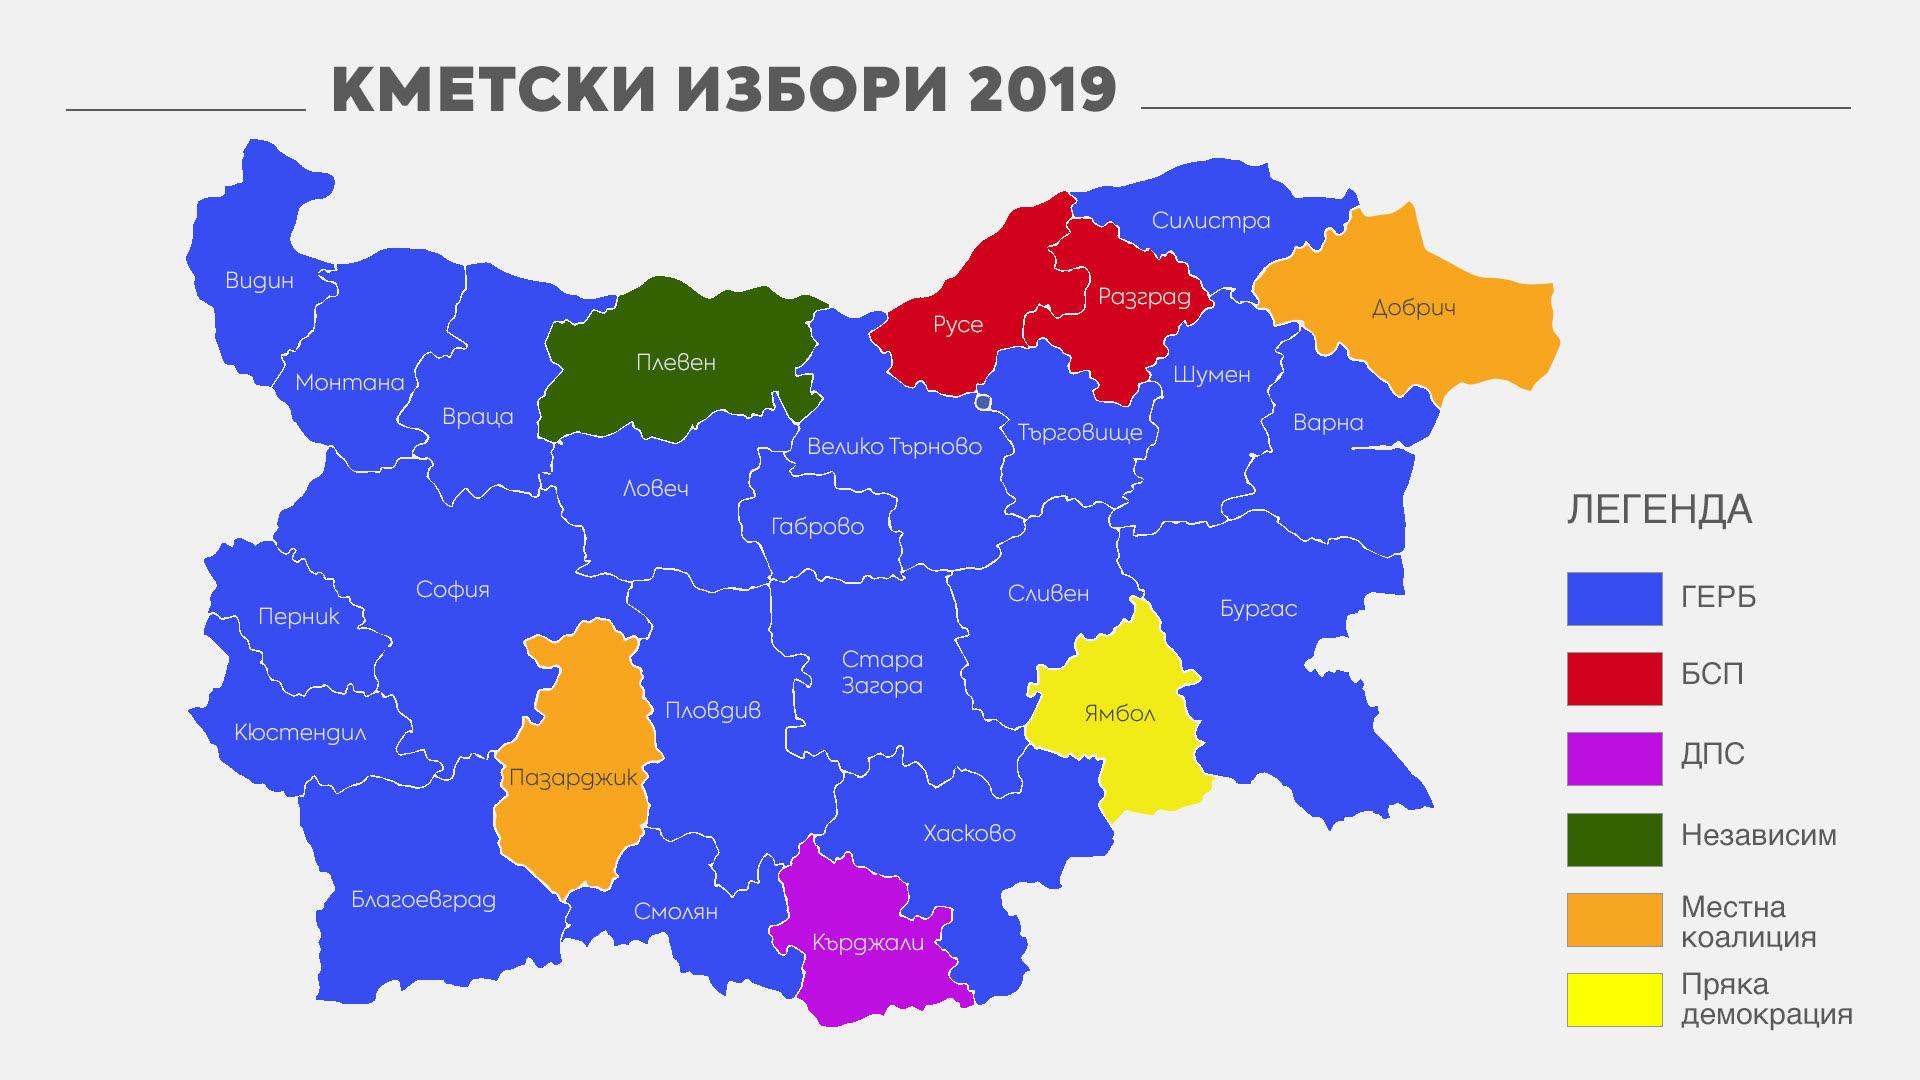 Vizhte Kak Se Ocveti Blgariya I Koi Gradove Gerb Specheli Ot Raz